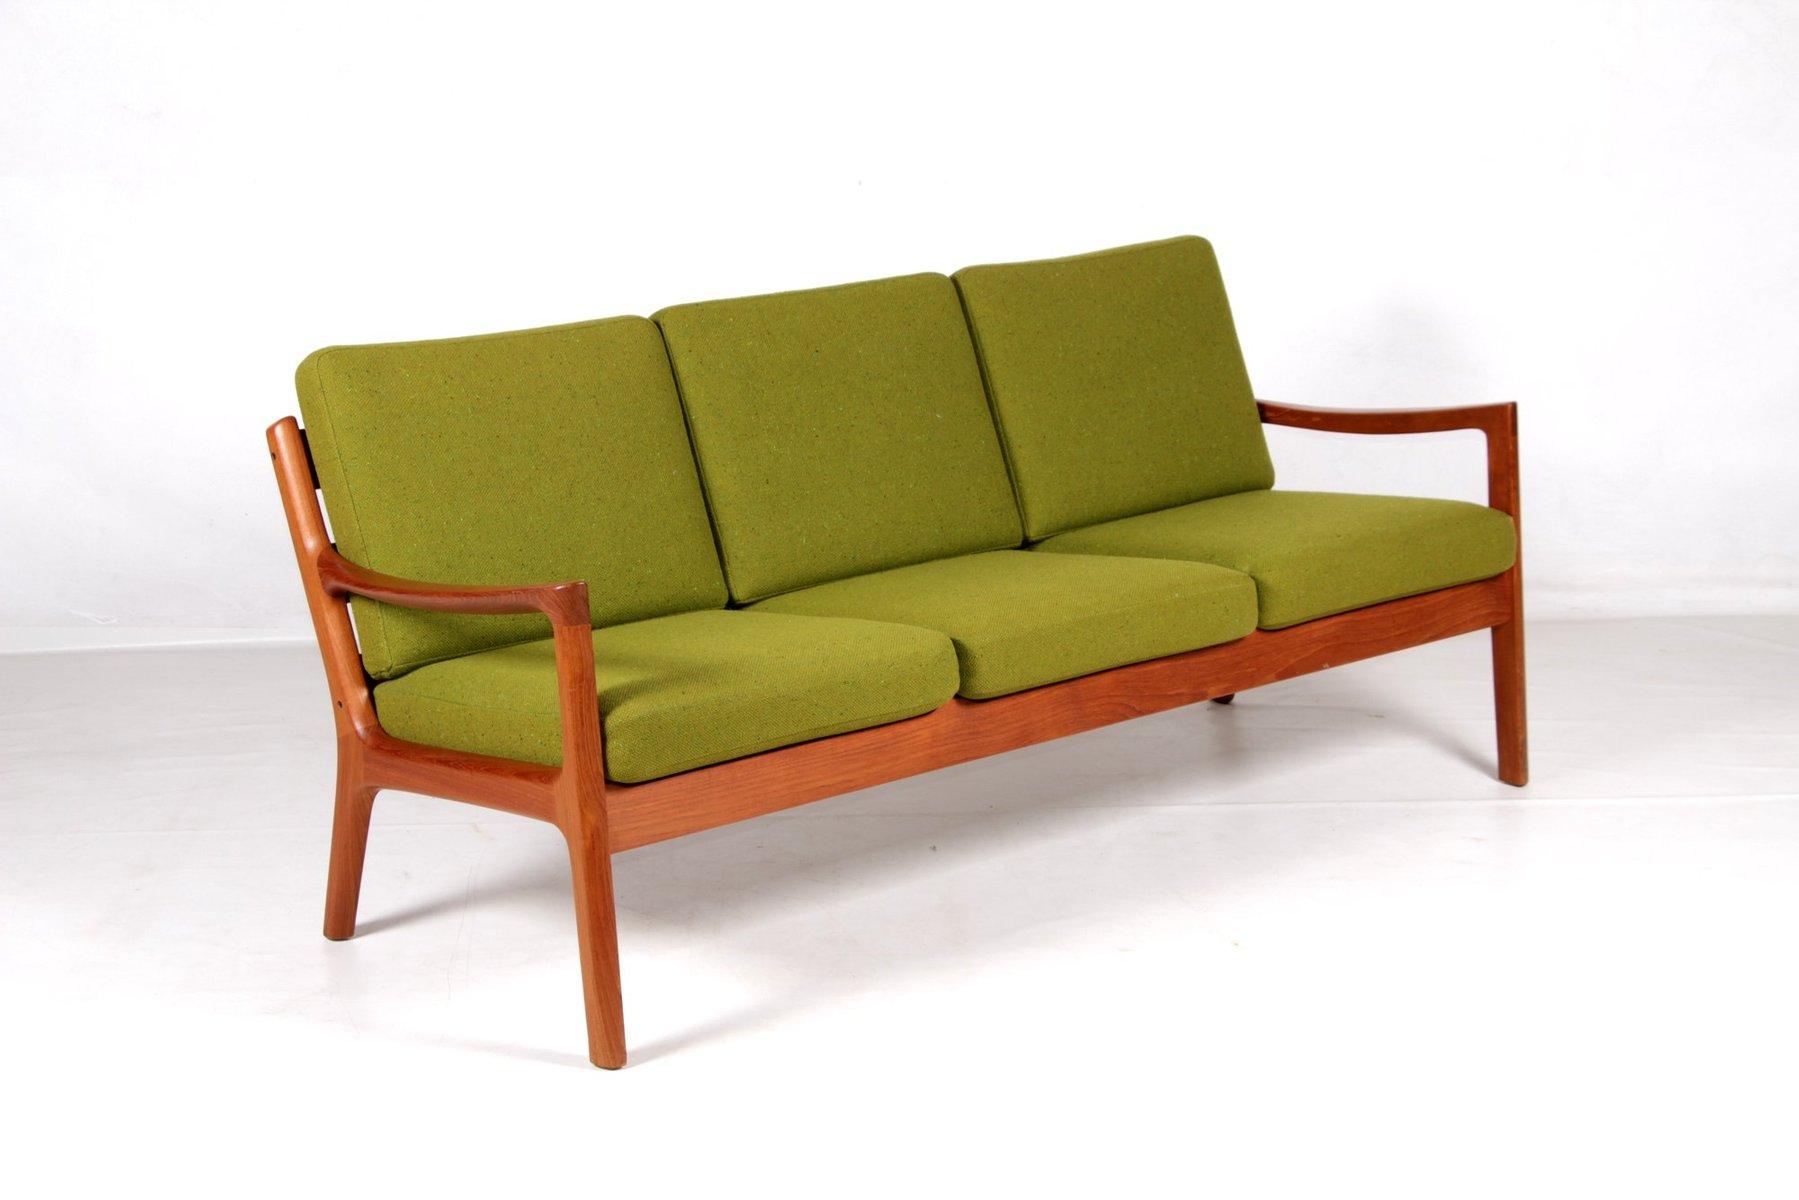 teak wood sofa rate in chennai bubble roche bobois preis sofas tamil nadu india